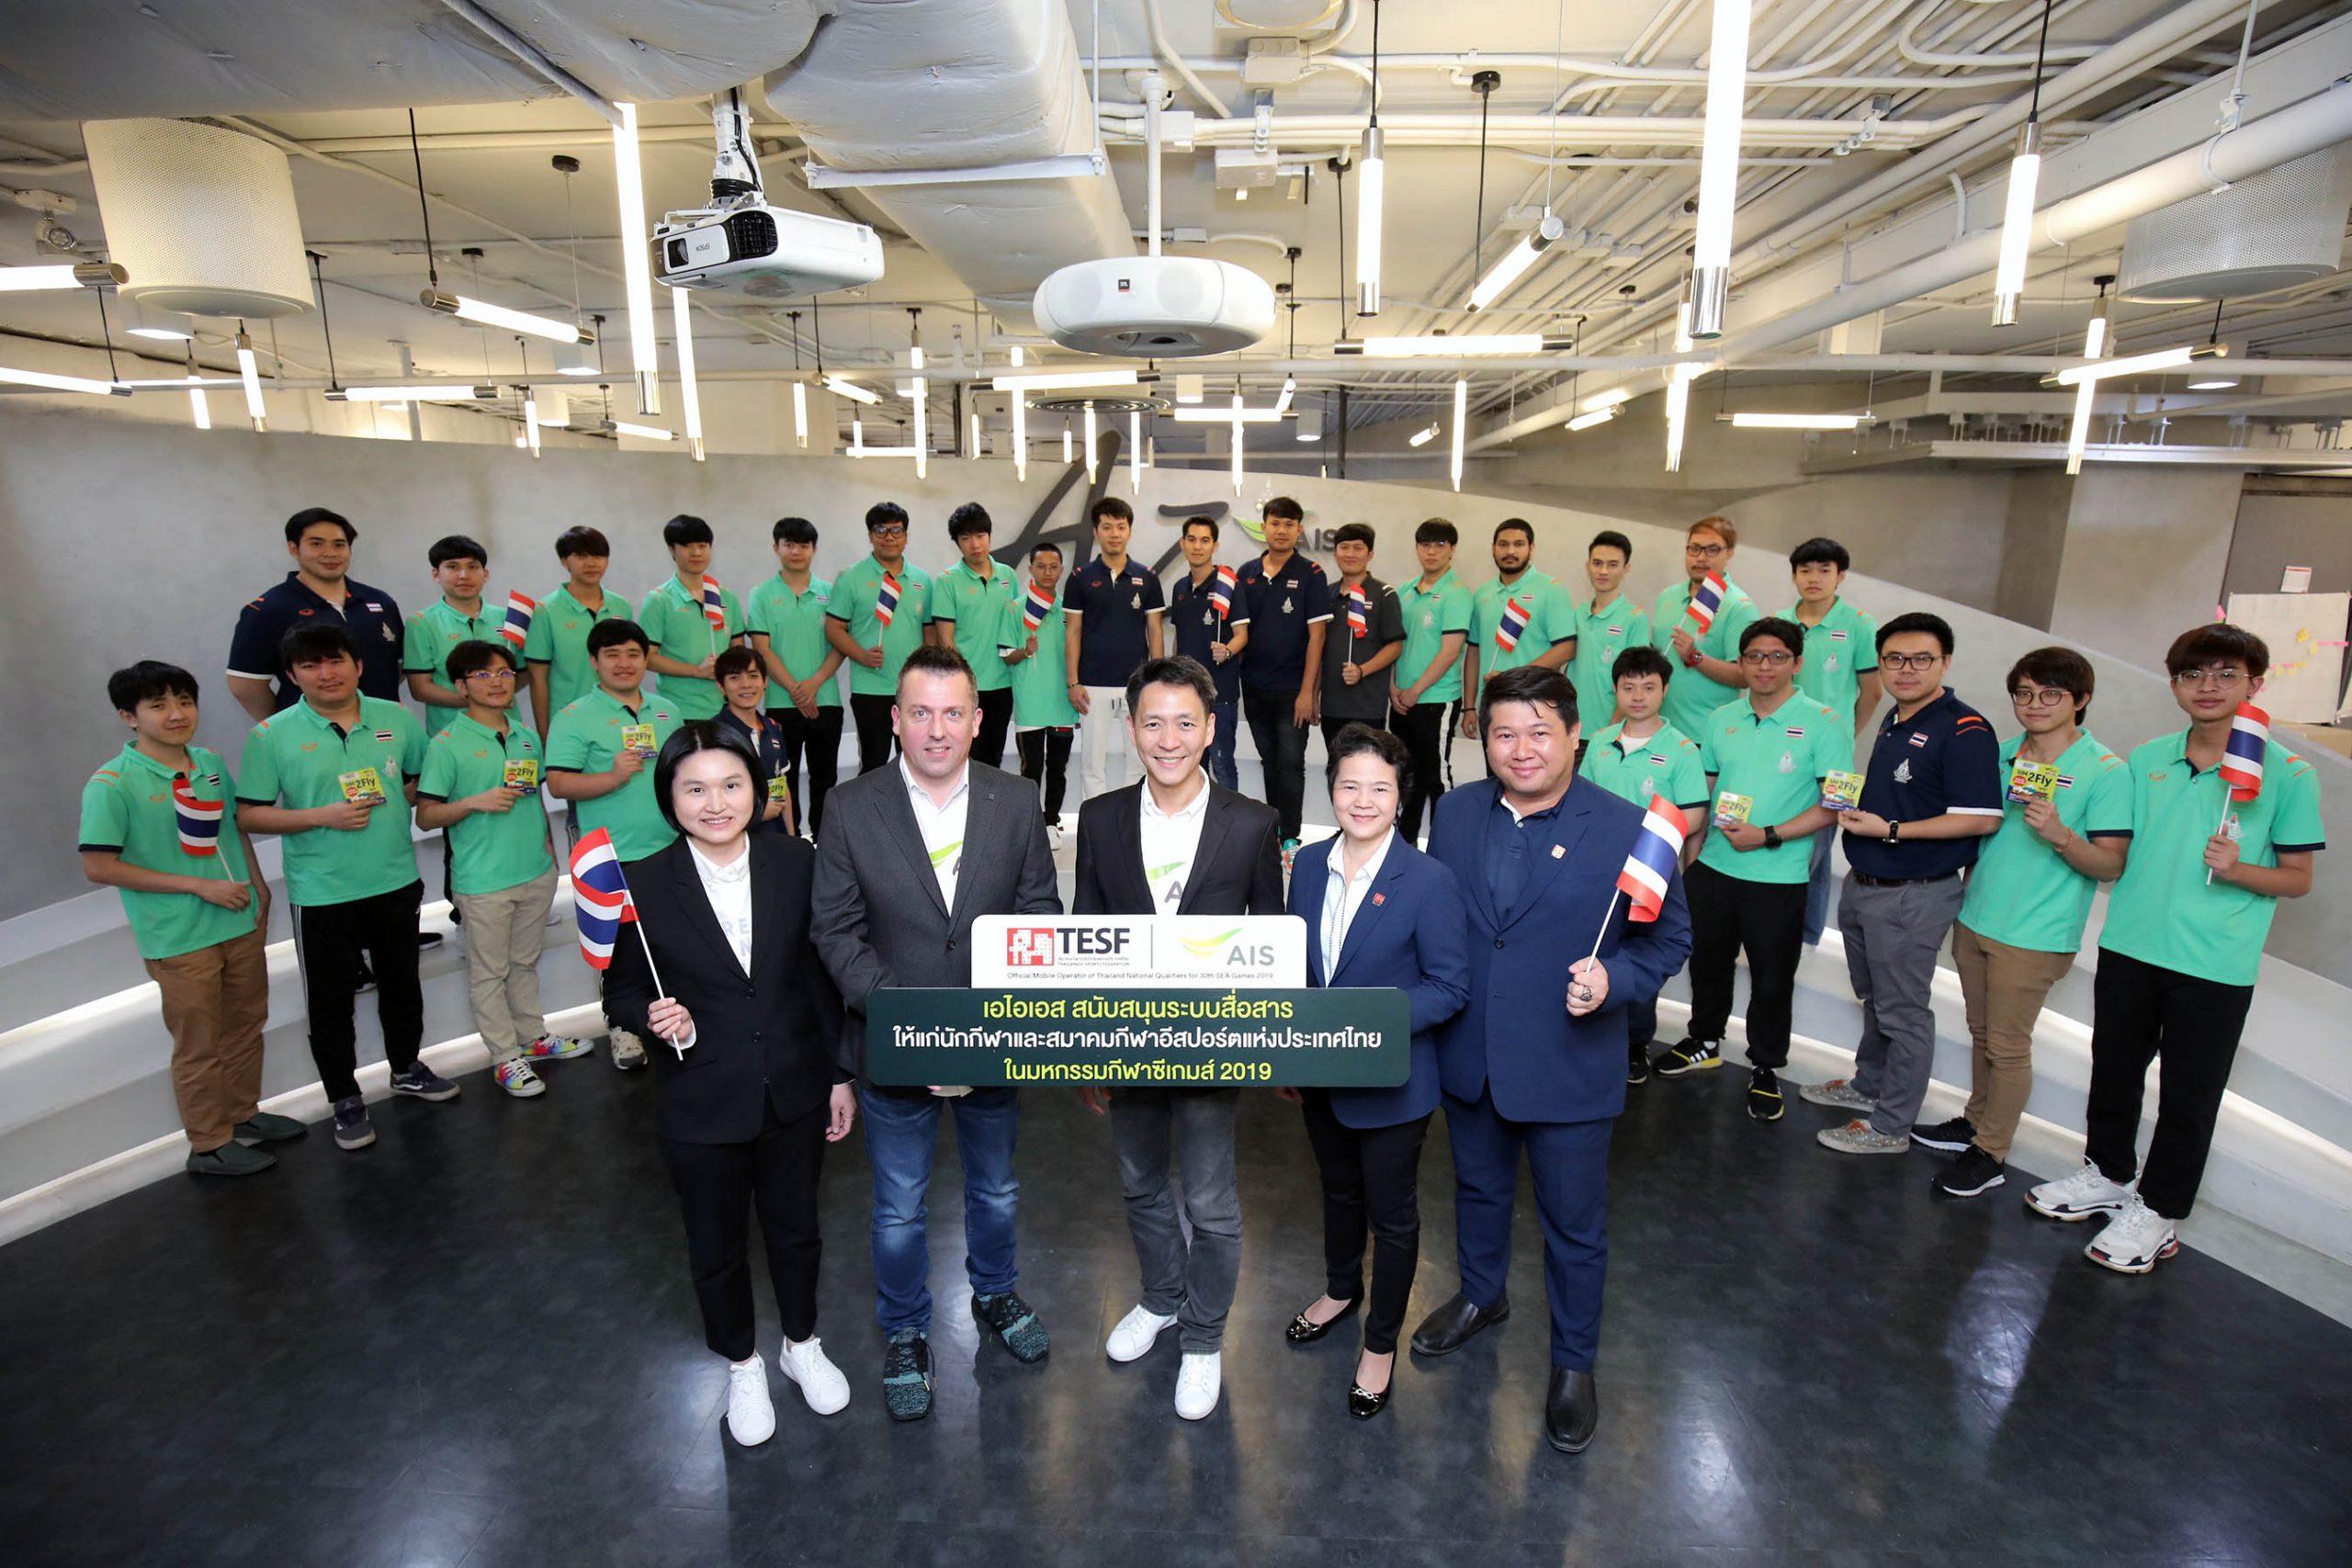 AIS supports esports SEA Games 2019